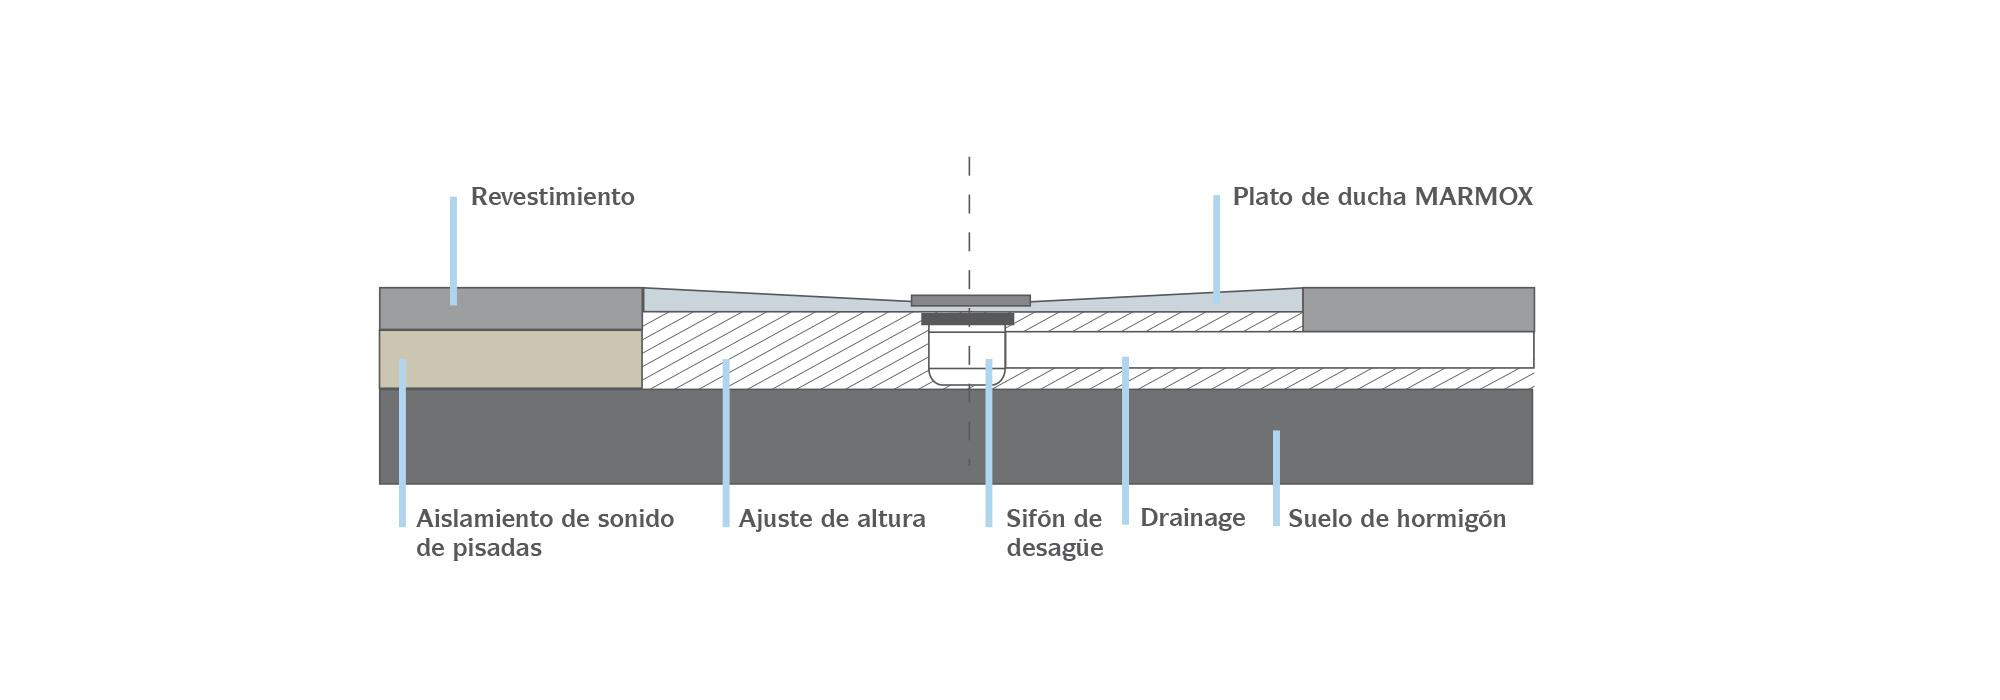 Marmox platos de ducha instalaci n - Instalacion de plato de ducha ...